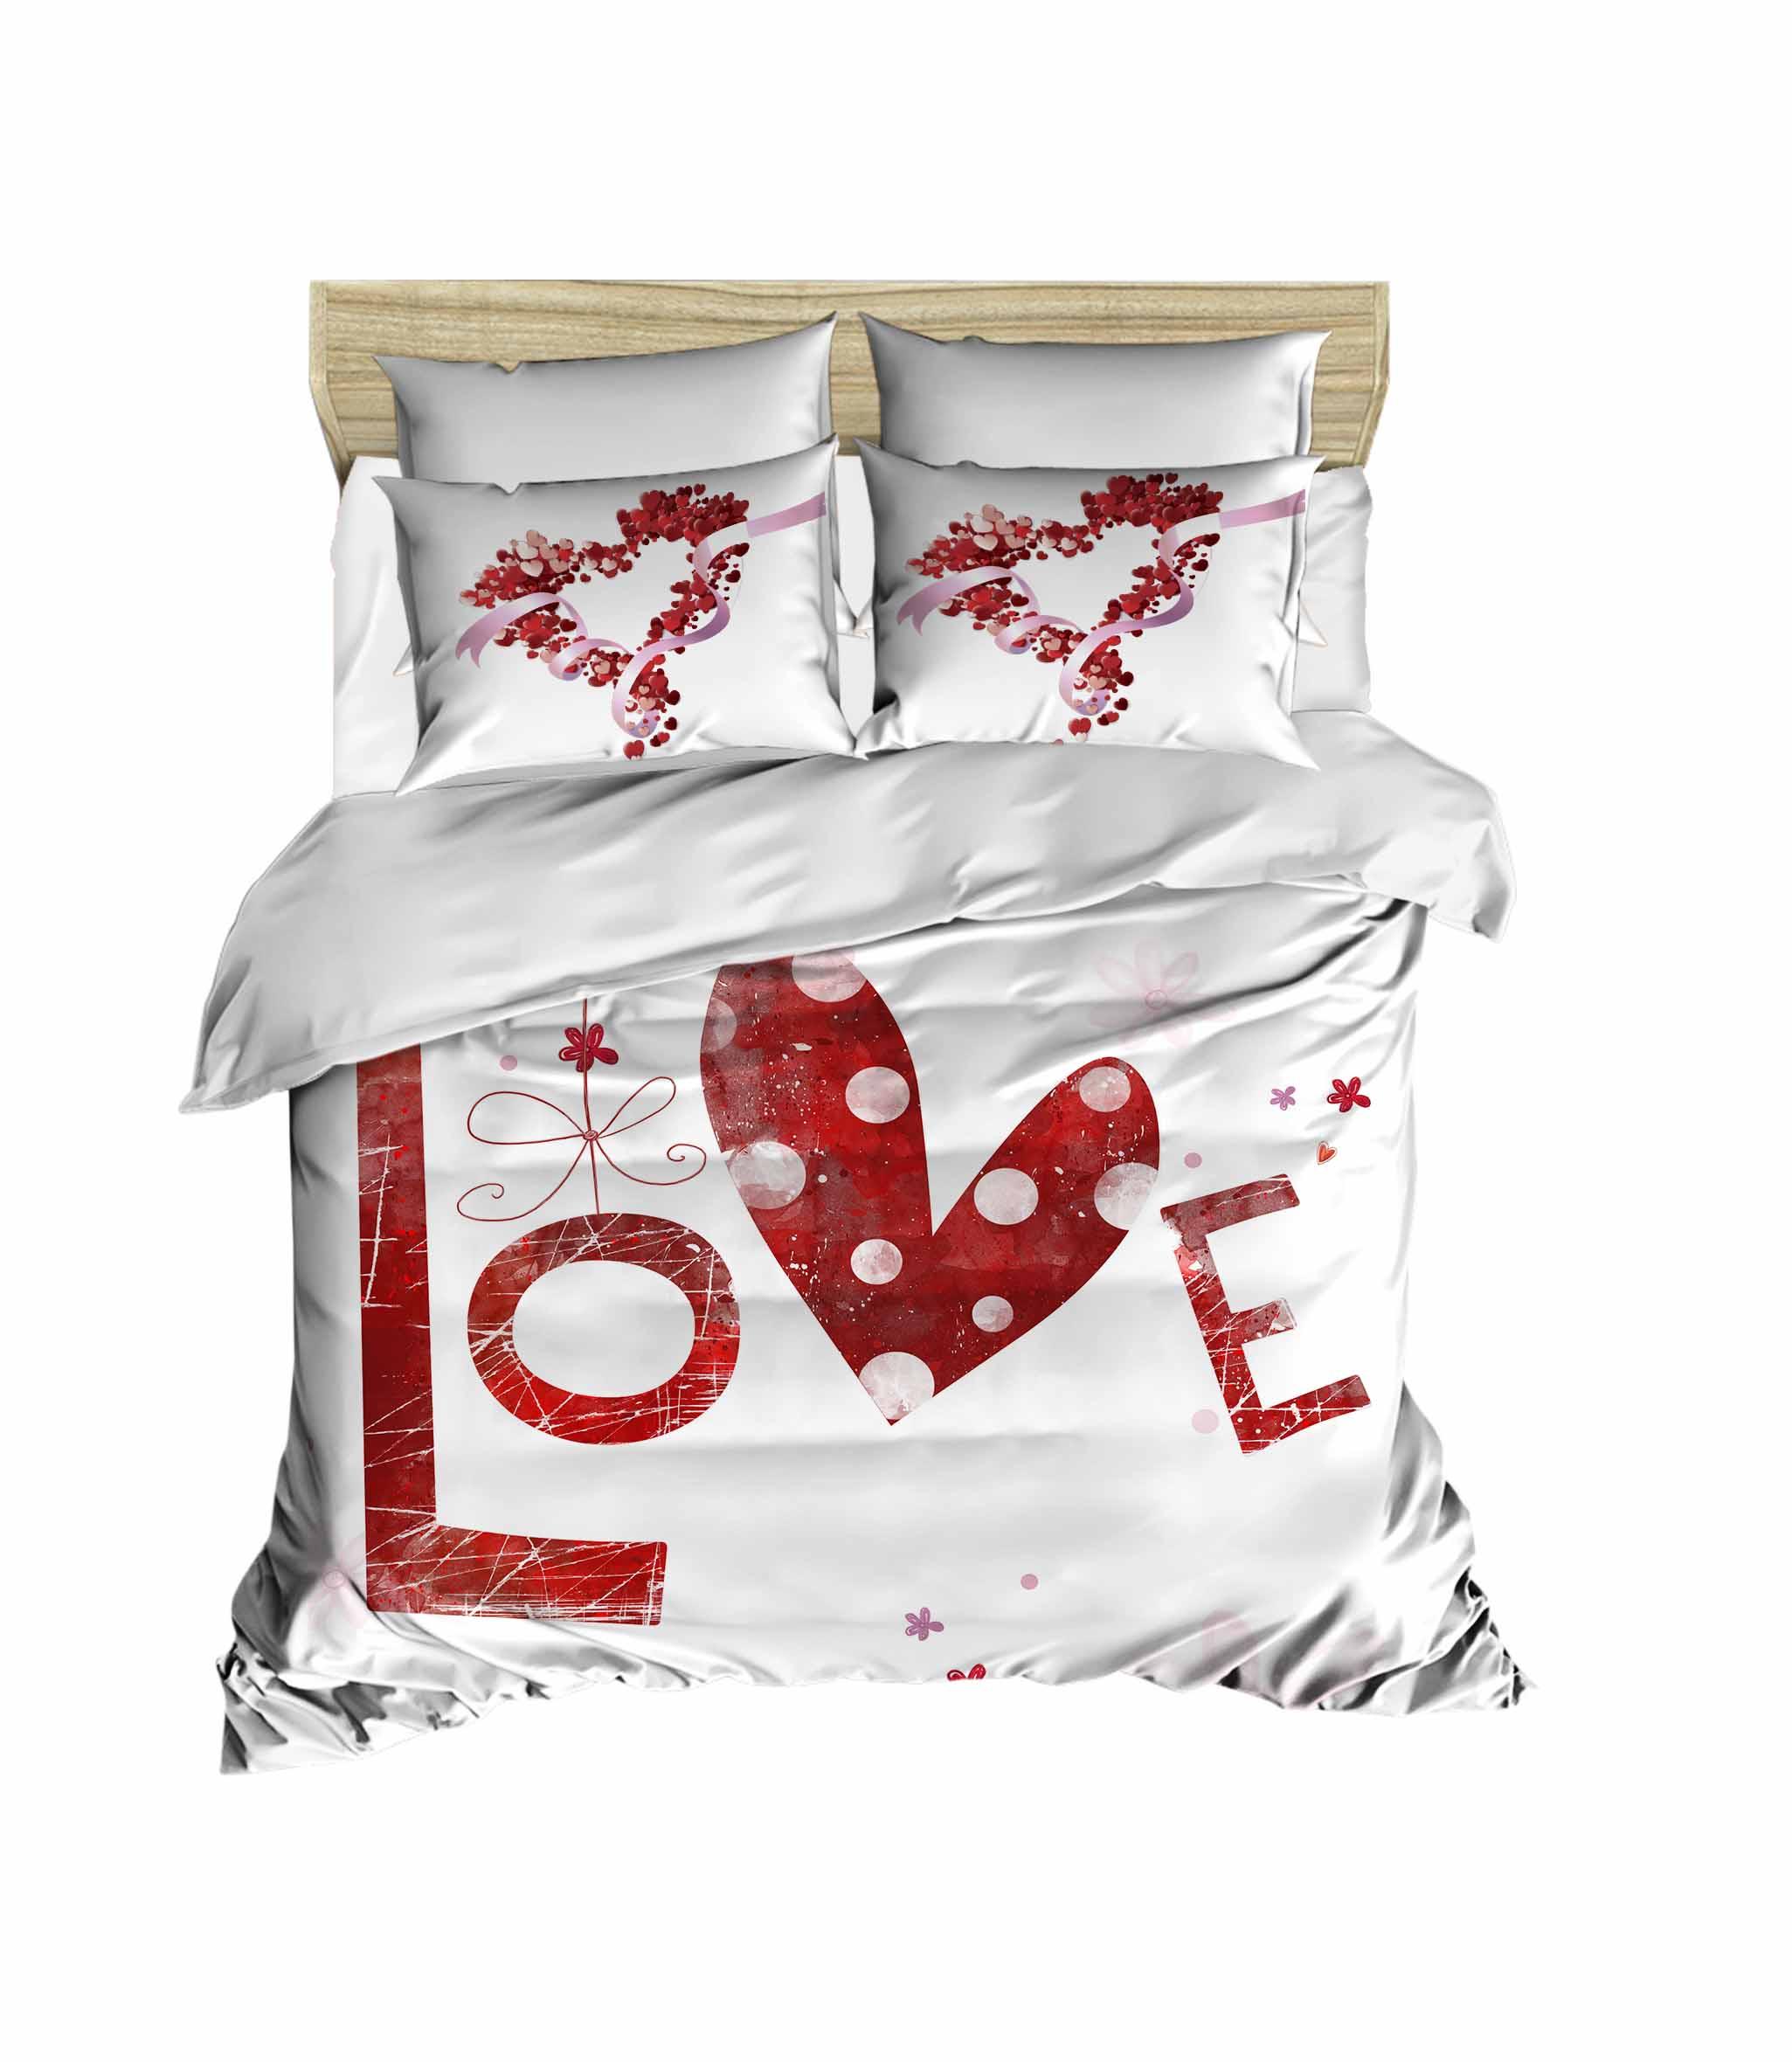 100% القطن التركي الحب Beddding الحب تحت عنوان ثلاثية الأبعاد لحاف مطبوع مجموعة غطاء ، المحرز في تركيا